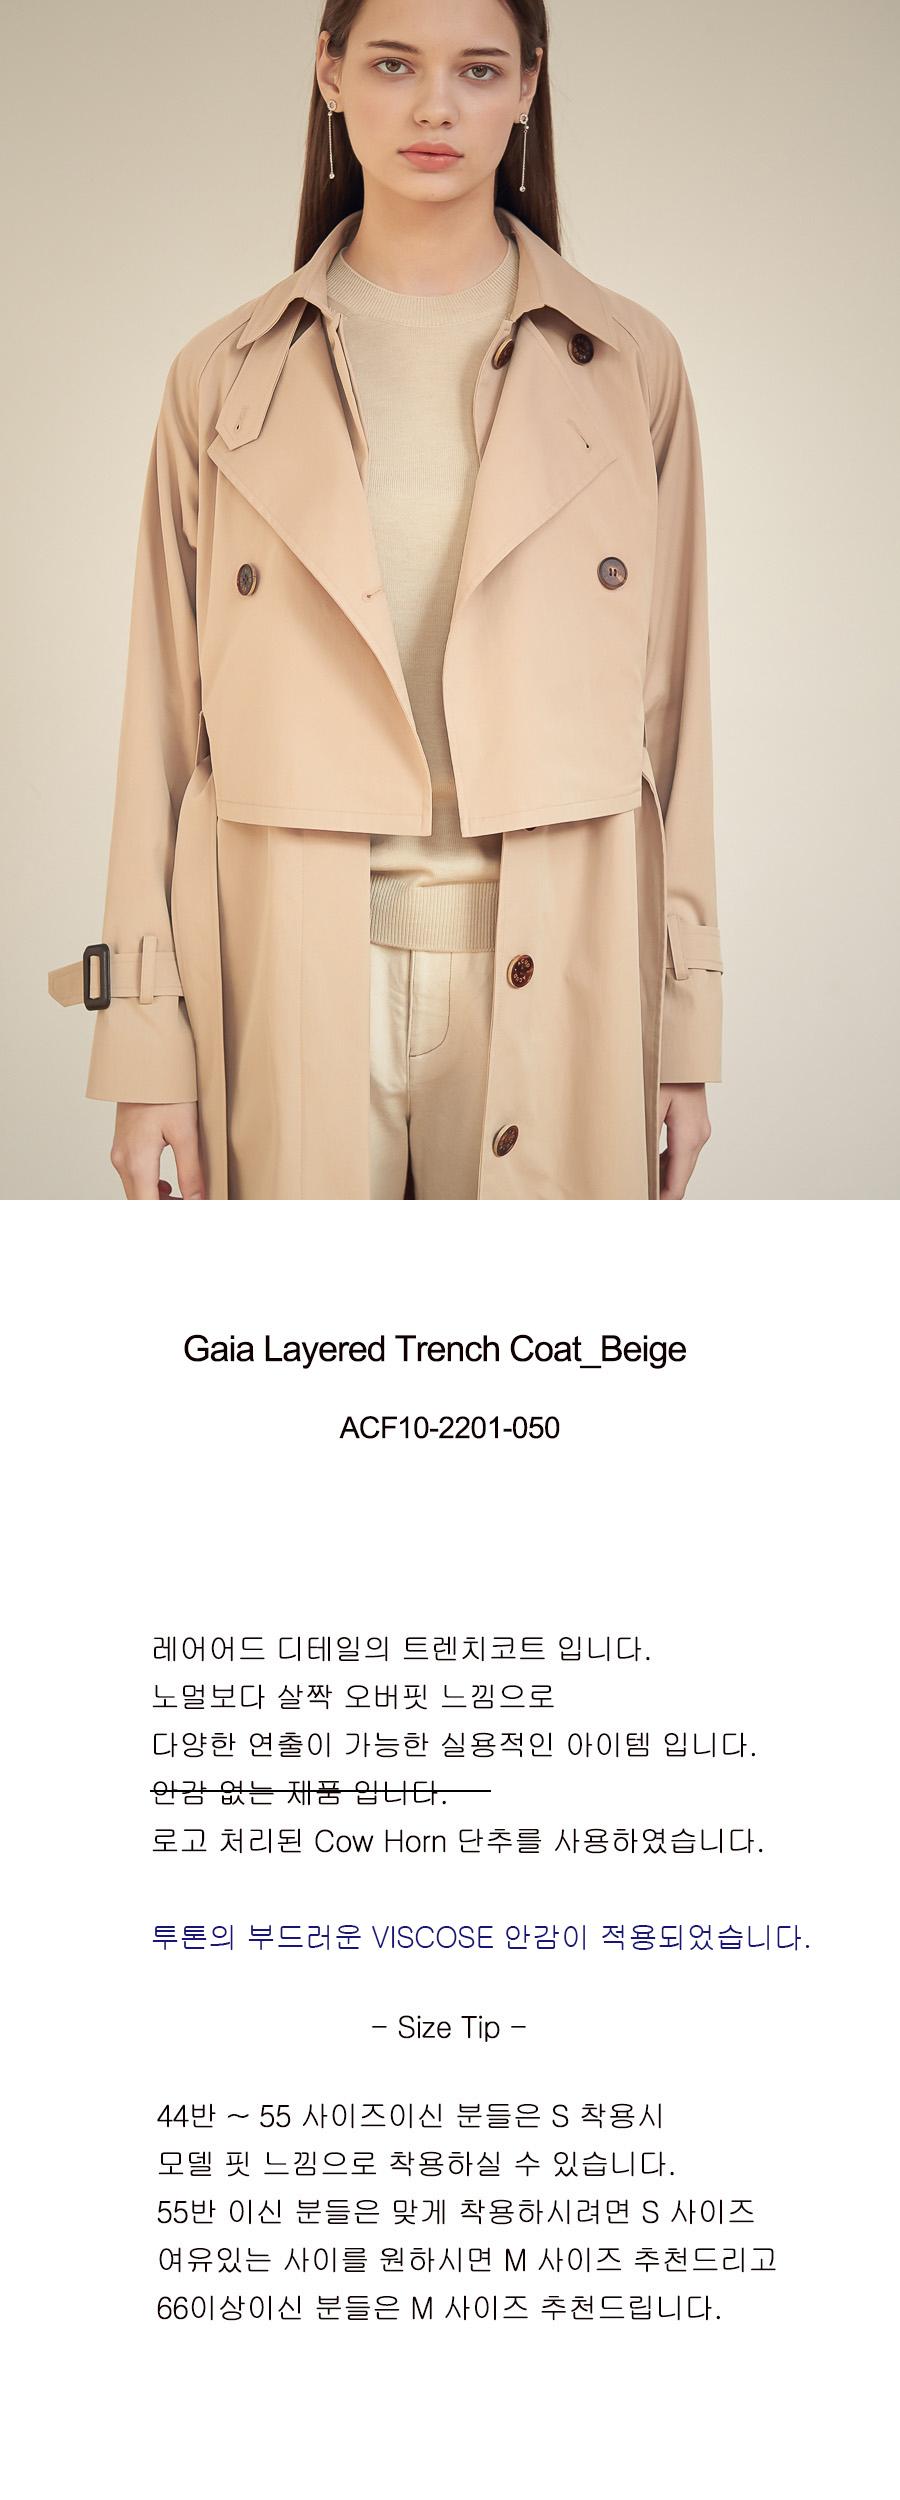 아쿠드(ACUD) Gaia Layered Trench Coat_Beige